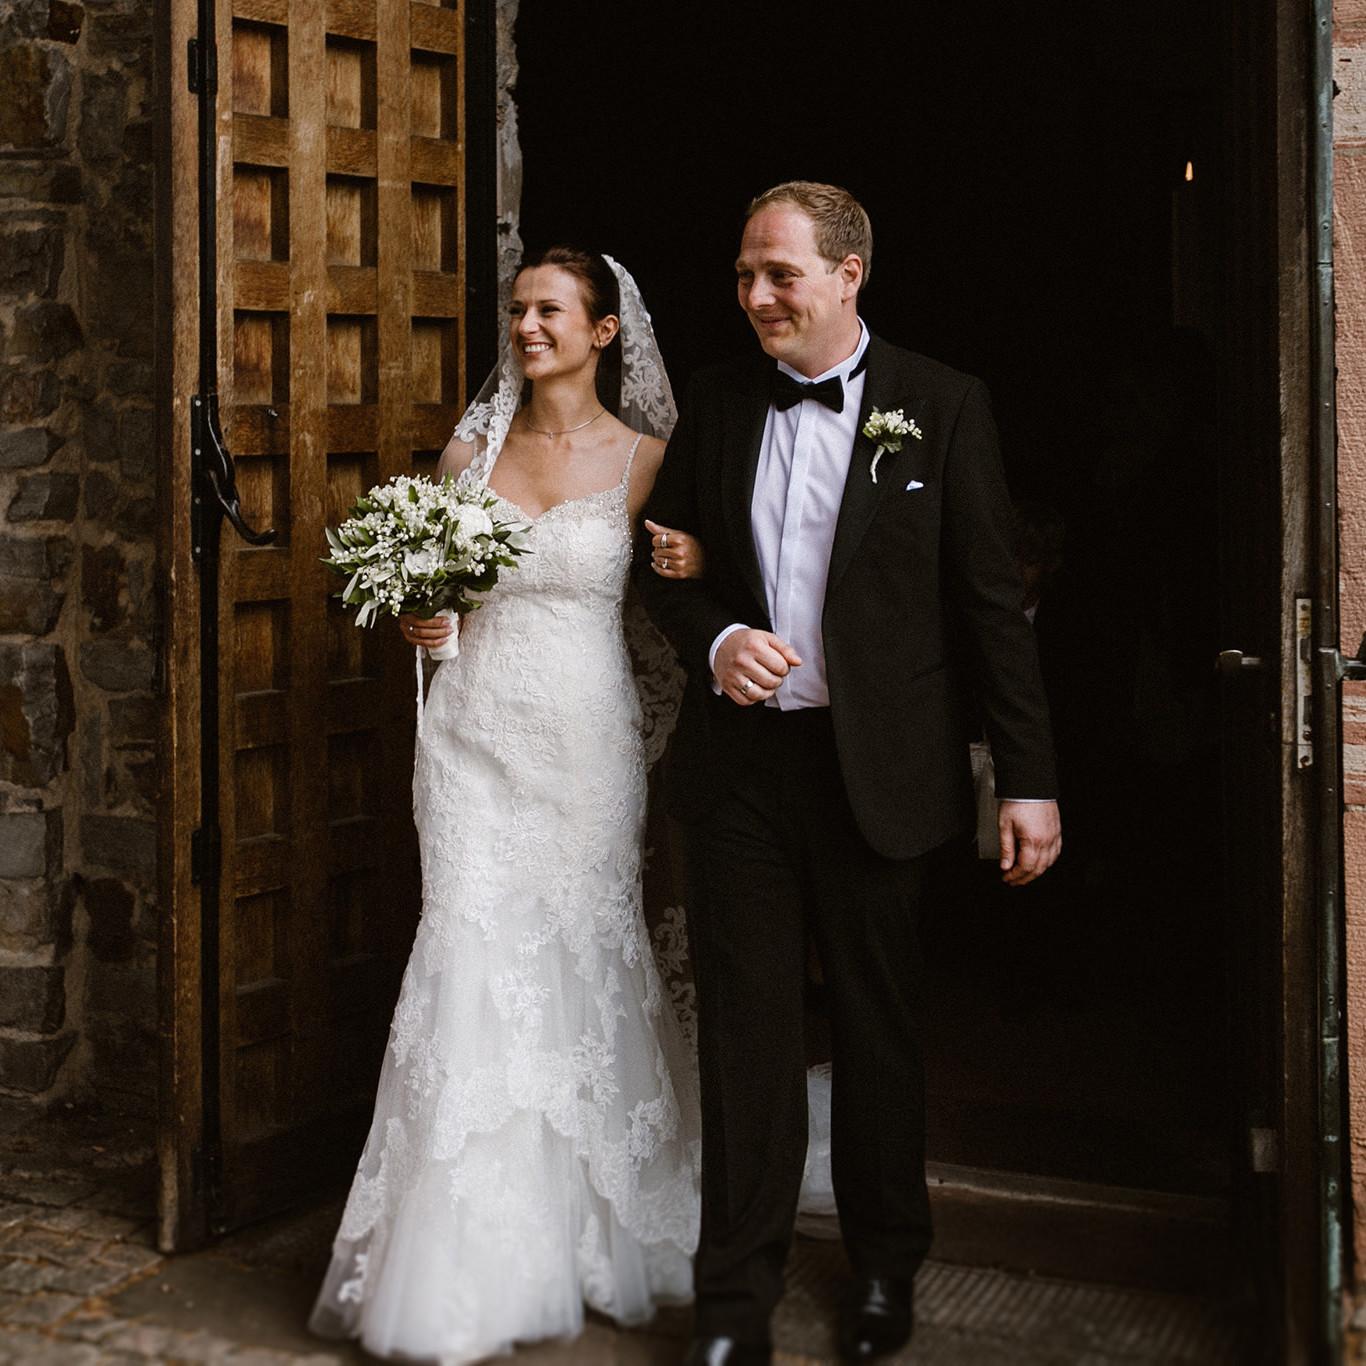 Ślub i wesele w winnicy - Niemcy, Johanesburg 2